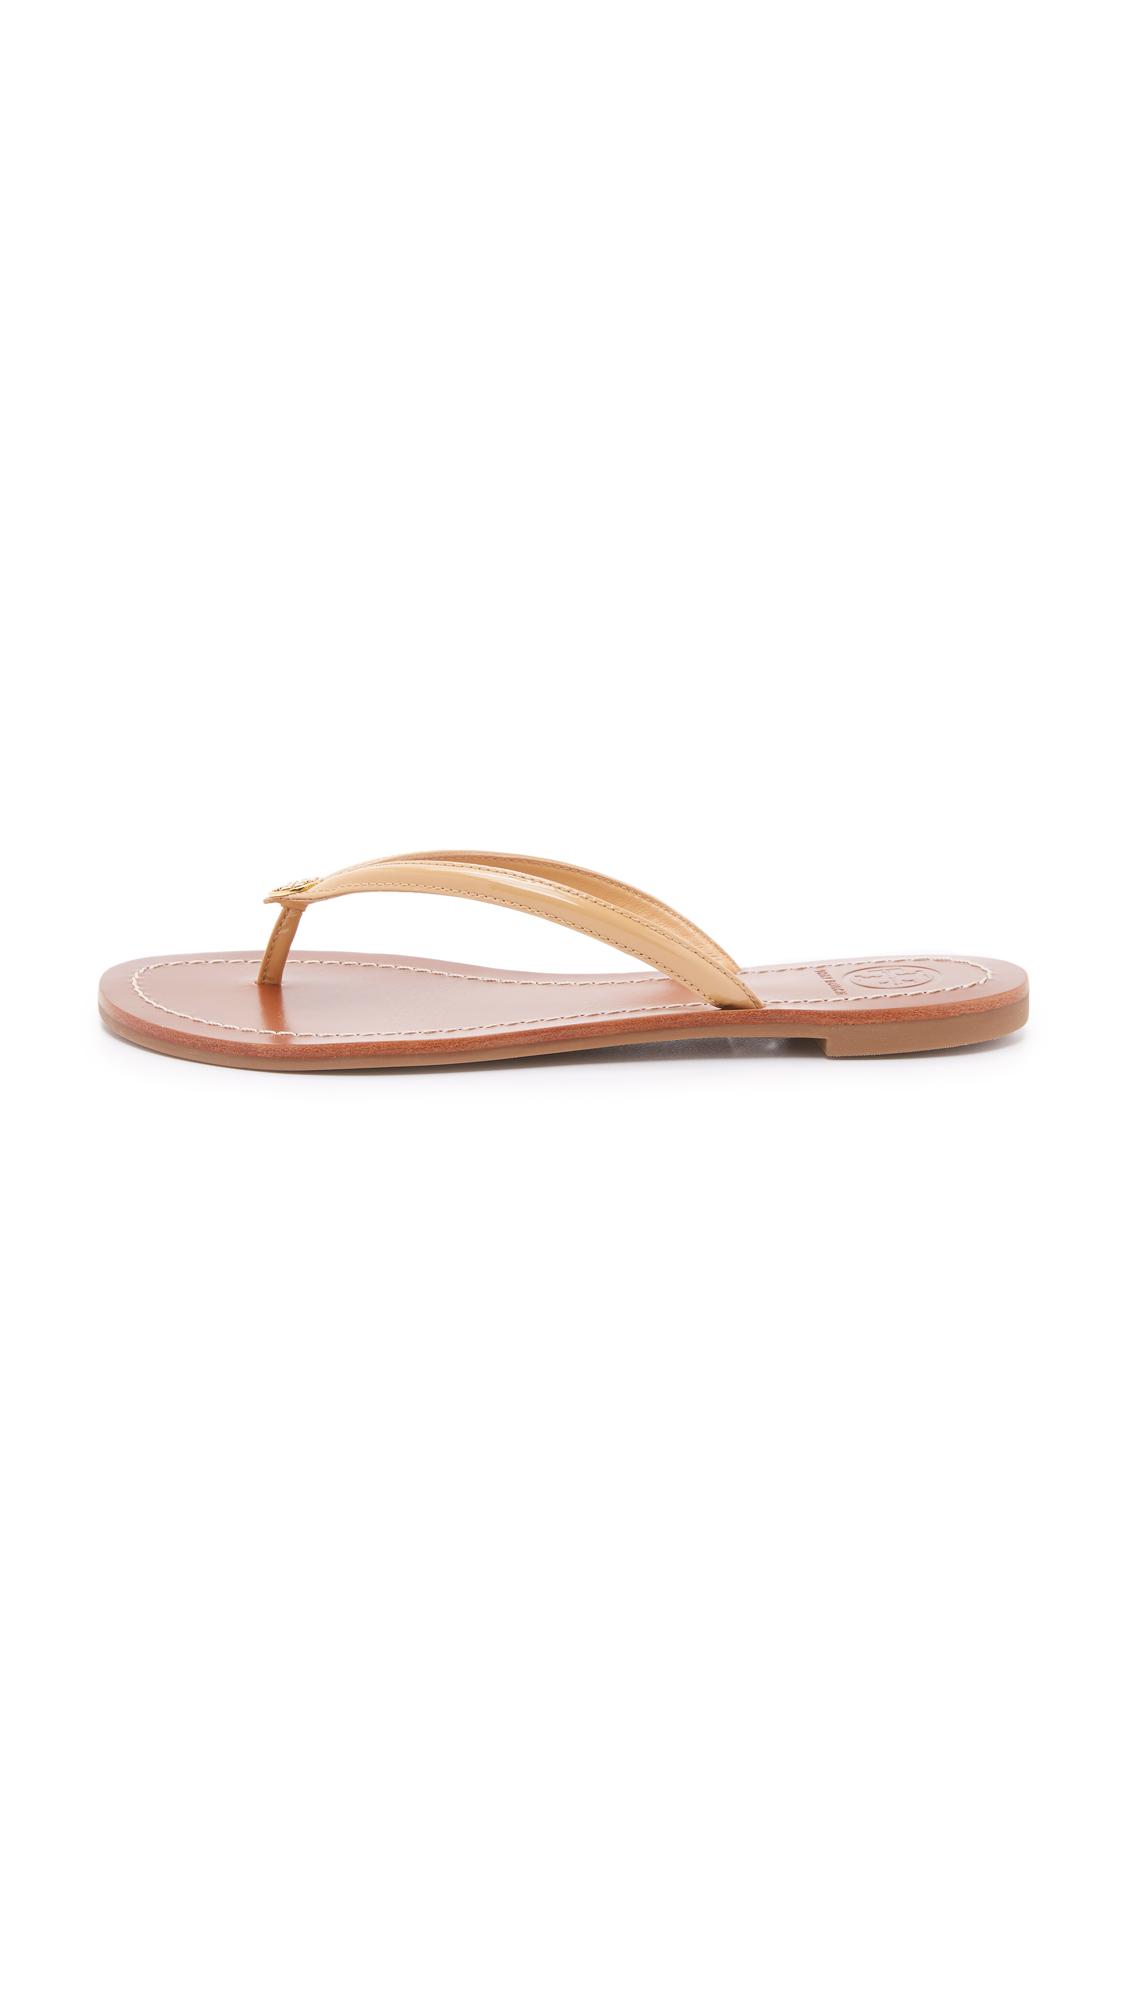 2e8abe1824db Tory Burch Terra Thong Sandals